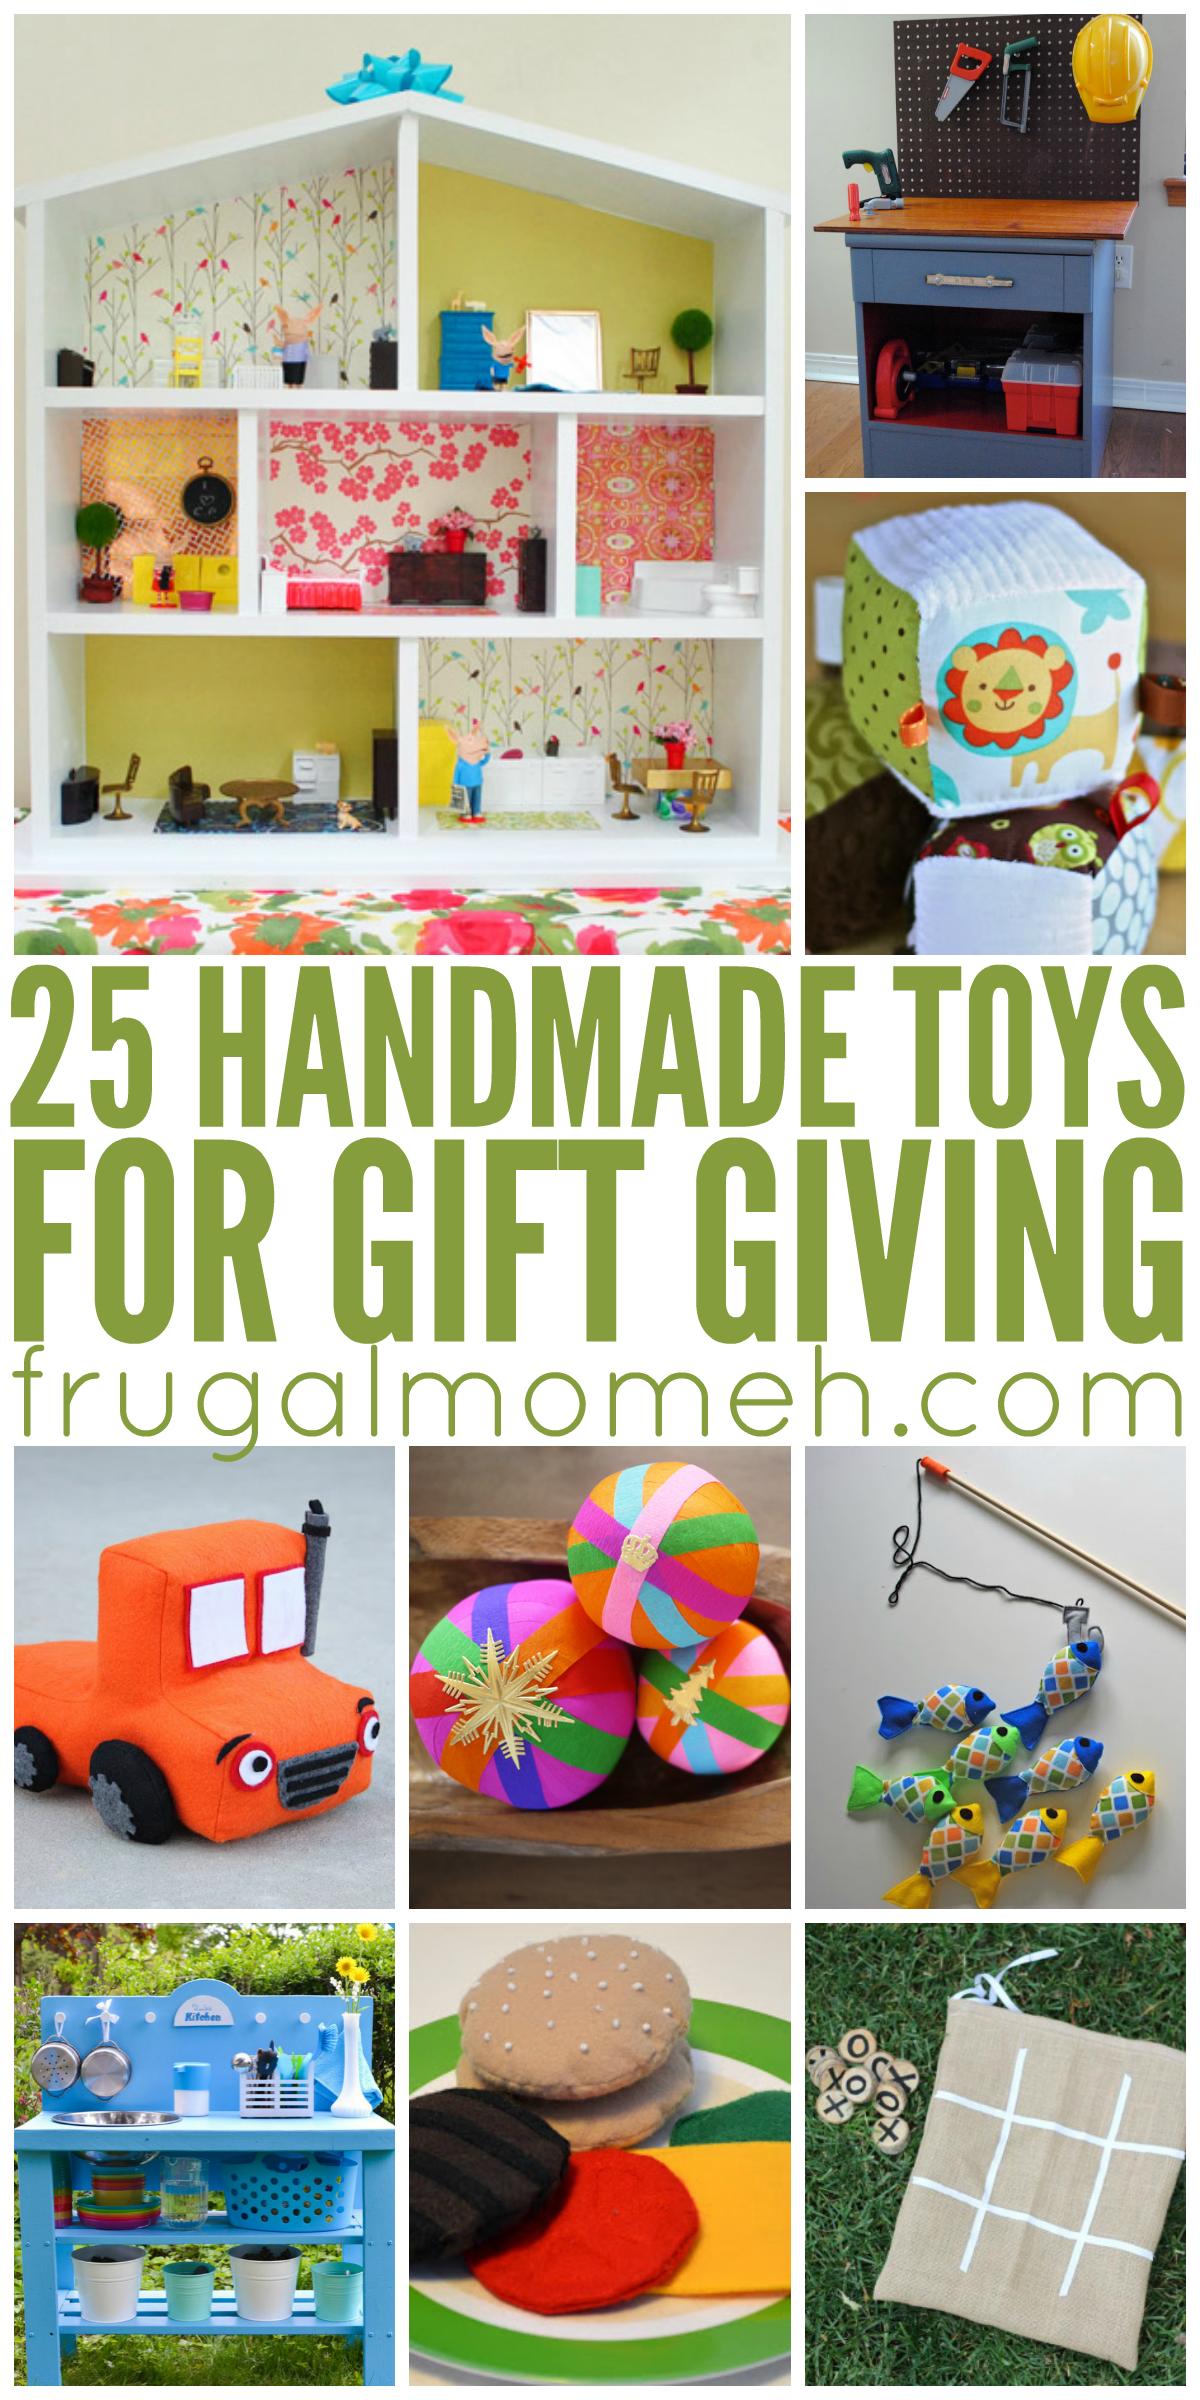 25 Handmade Toys for Gift Giving